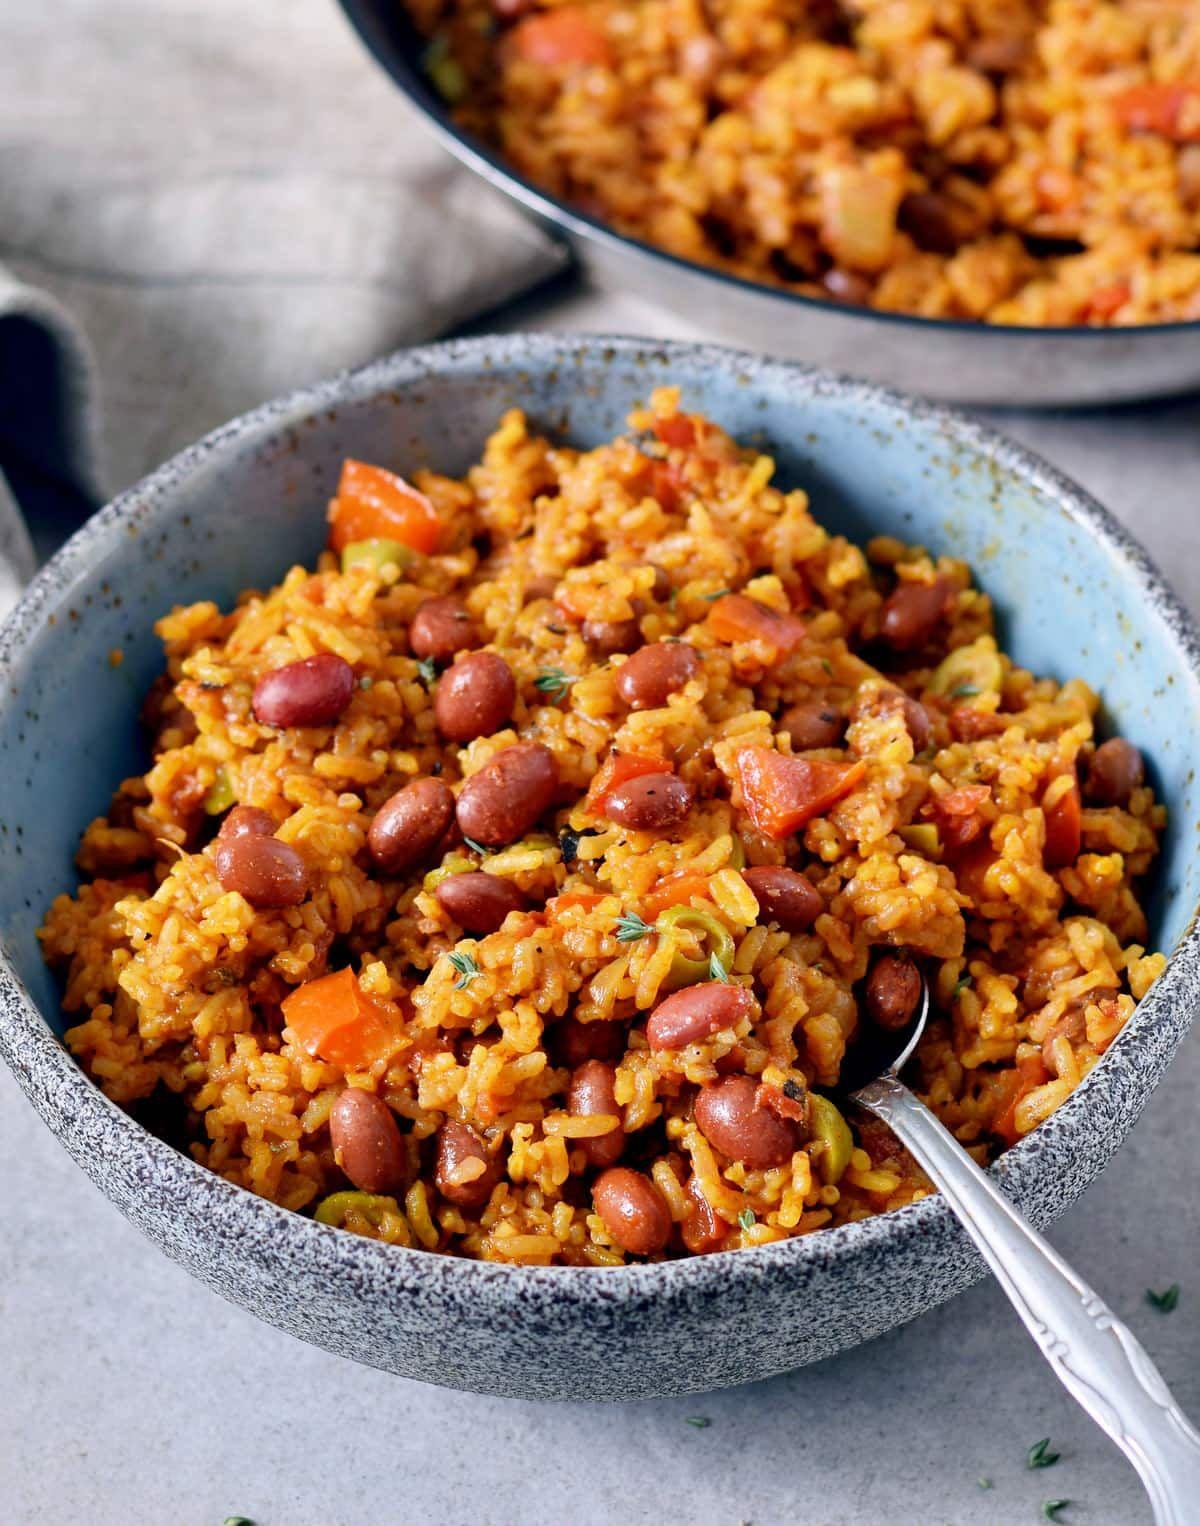 Reis mit Bohnen | einfache Gemüse-Reispfanne - Elavegan #weeknightdinners